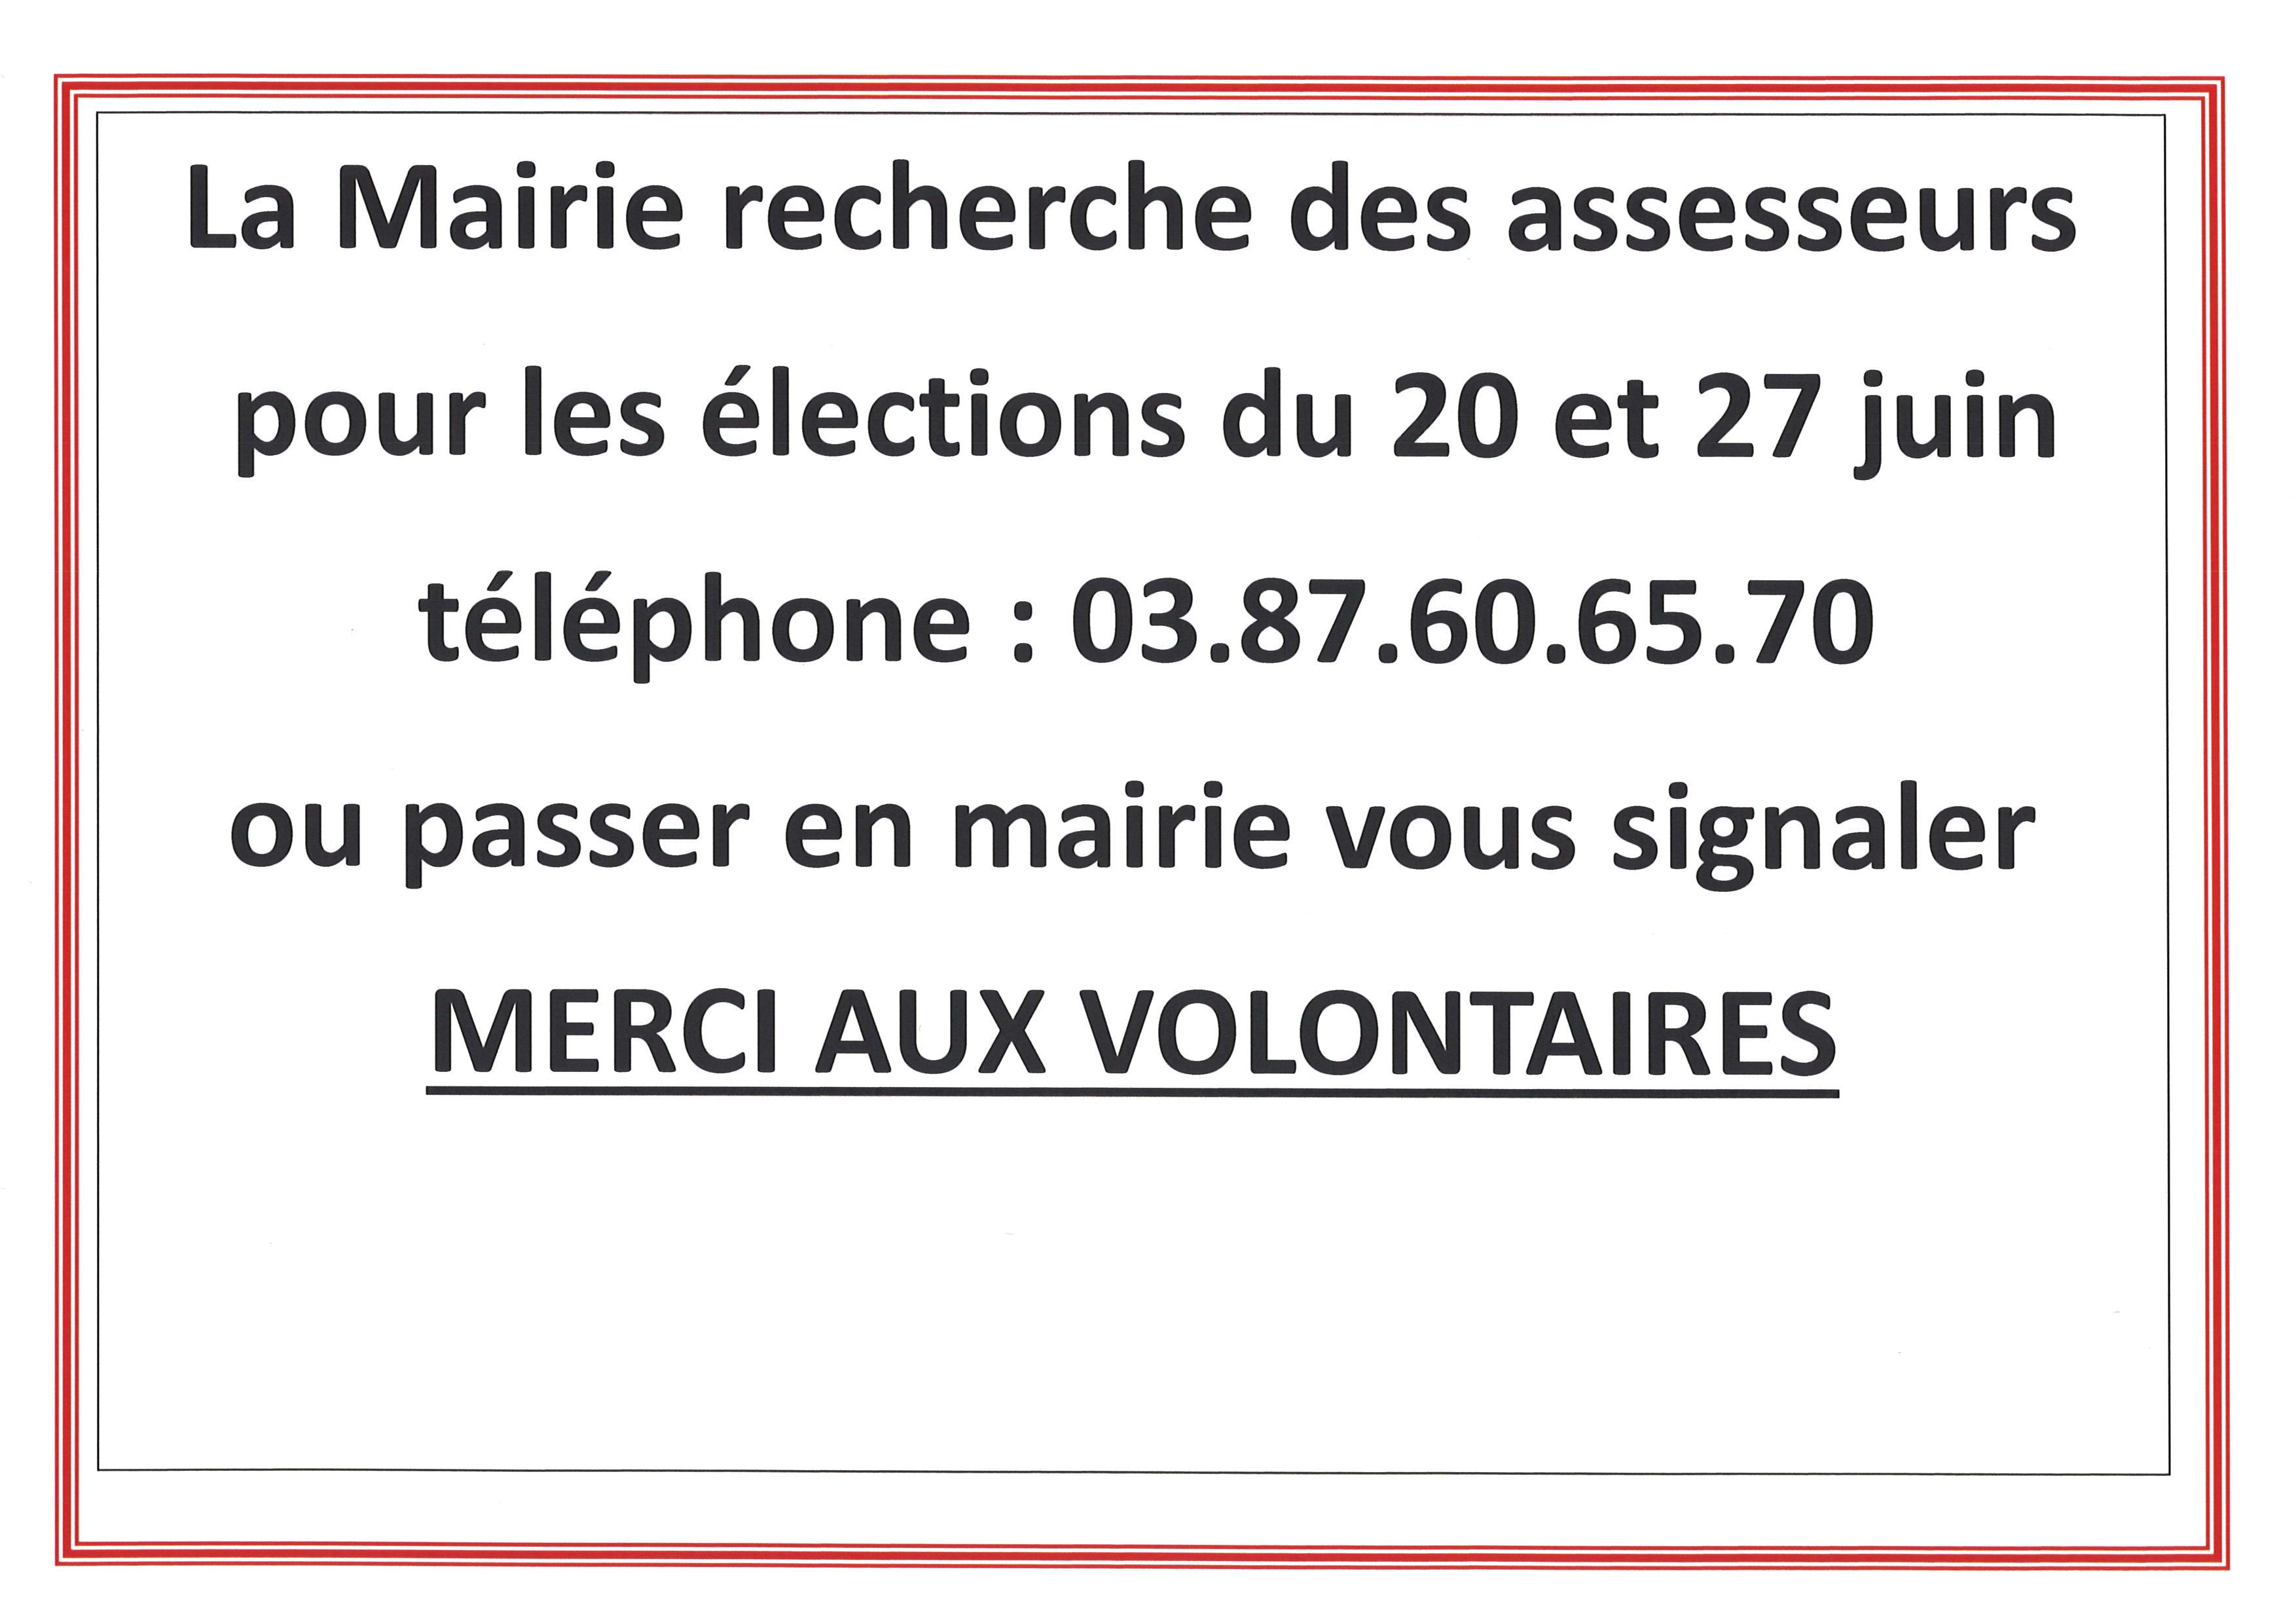 URGENT - LA MAIRIE recherche des assesseurs pour les élections